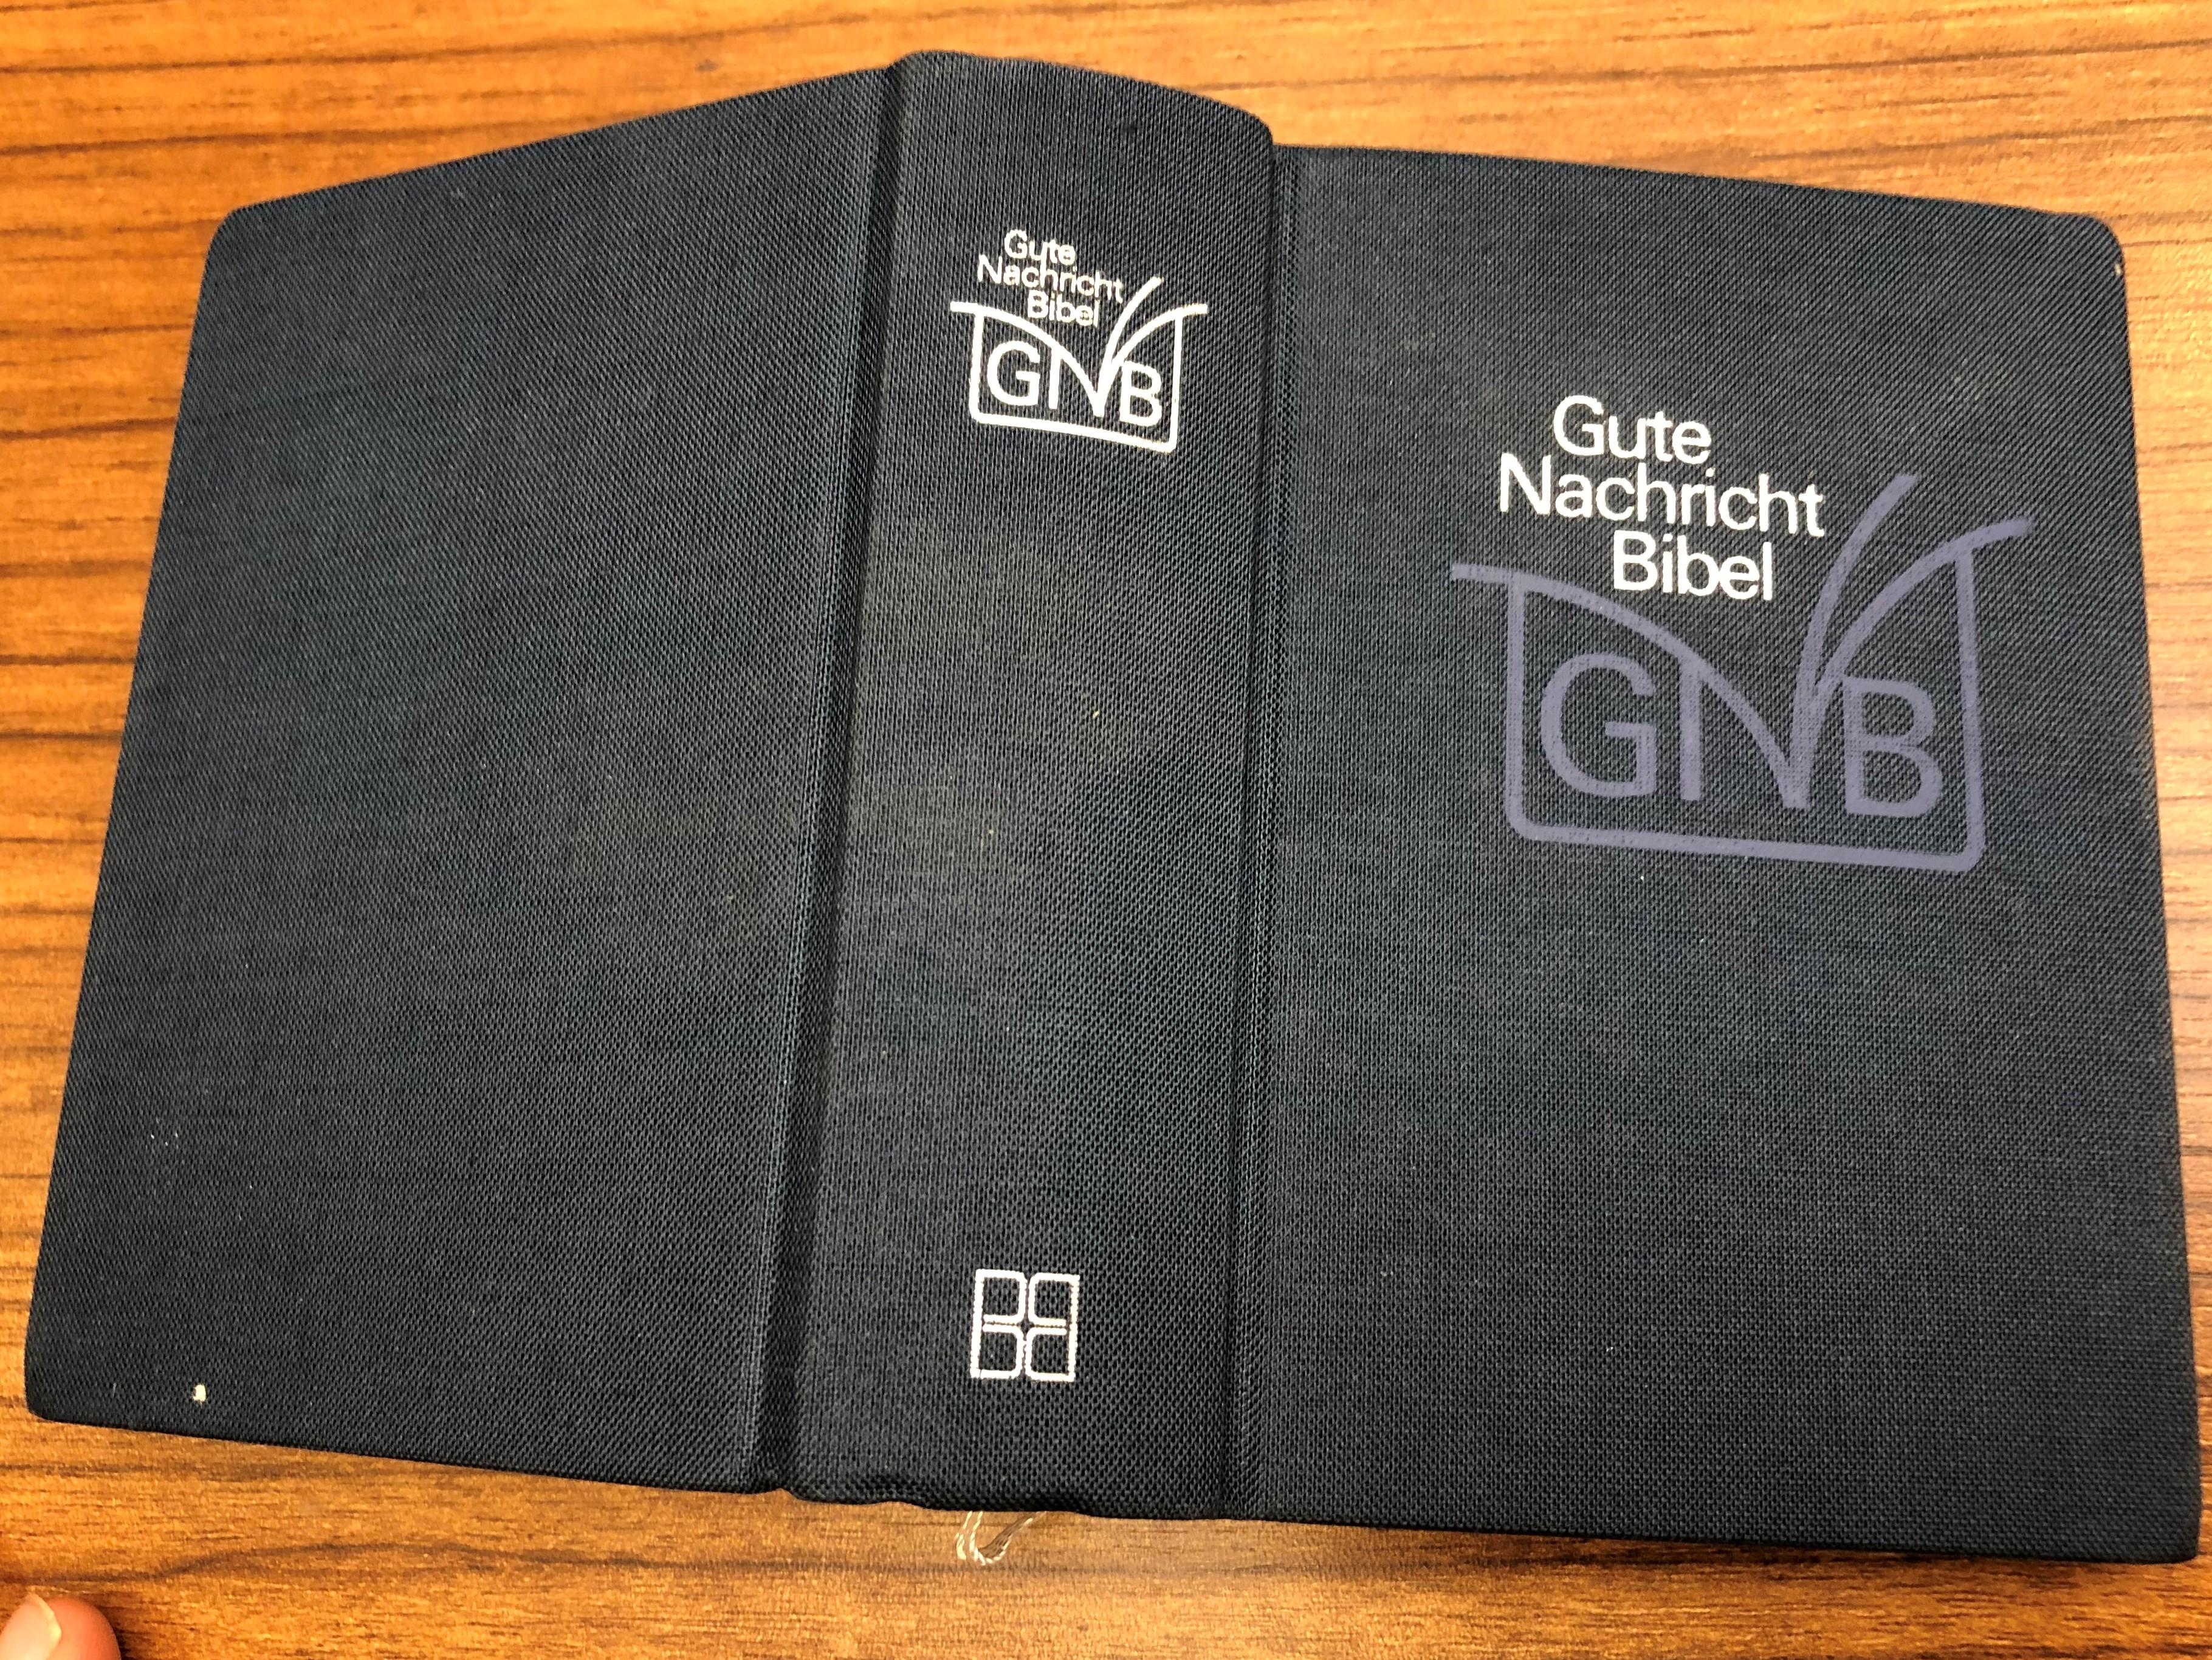 -gute-nachricht-bibel-altes-und-neues-testament-german-language-good-news-bible-with-deuterocanonical-books-mit-apokryphen-deutsche-bibelgesellschaft-2005-compact-size-with-color-maps-2-.jpg